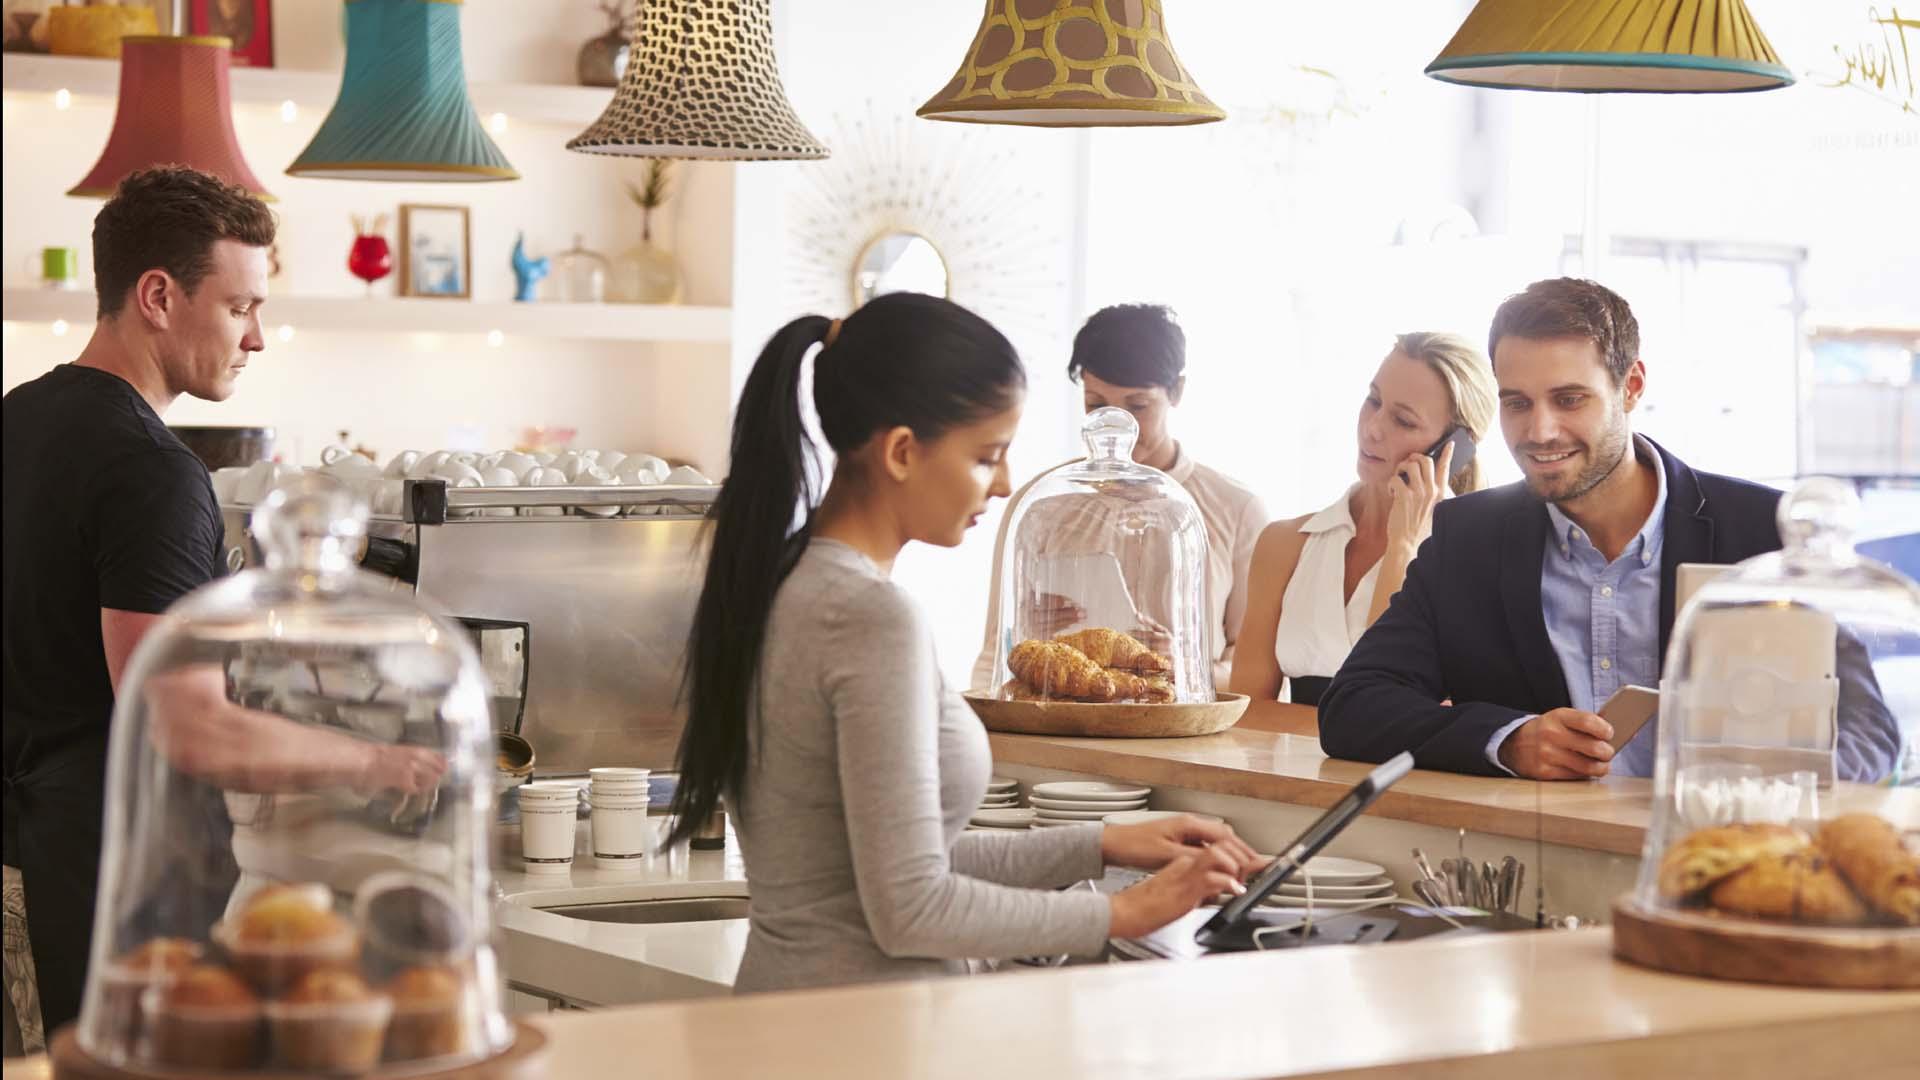 Un interiorista chileno creo un espacio donde convergen un bar, un restaurante y una tienda de productos para un auténtico reconocimiento a la cocina tradicional y familiar